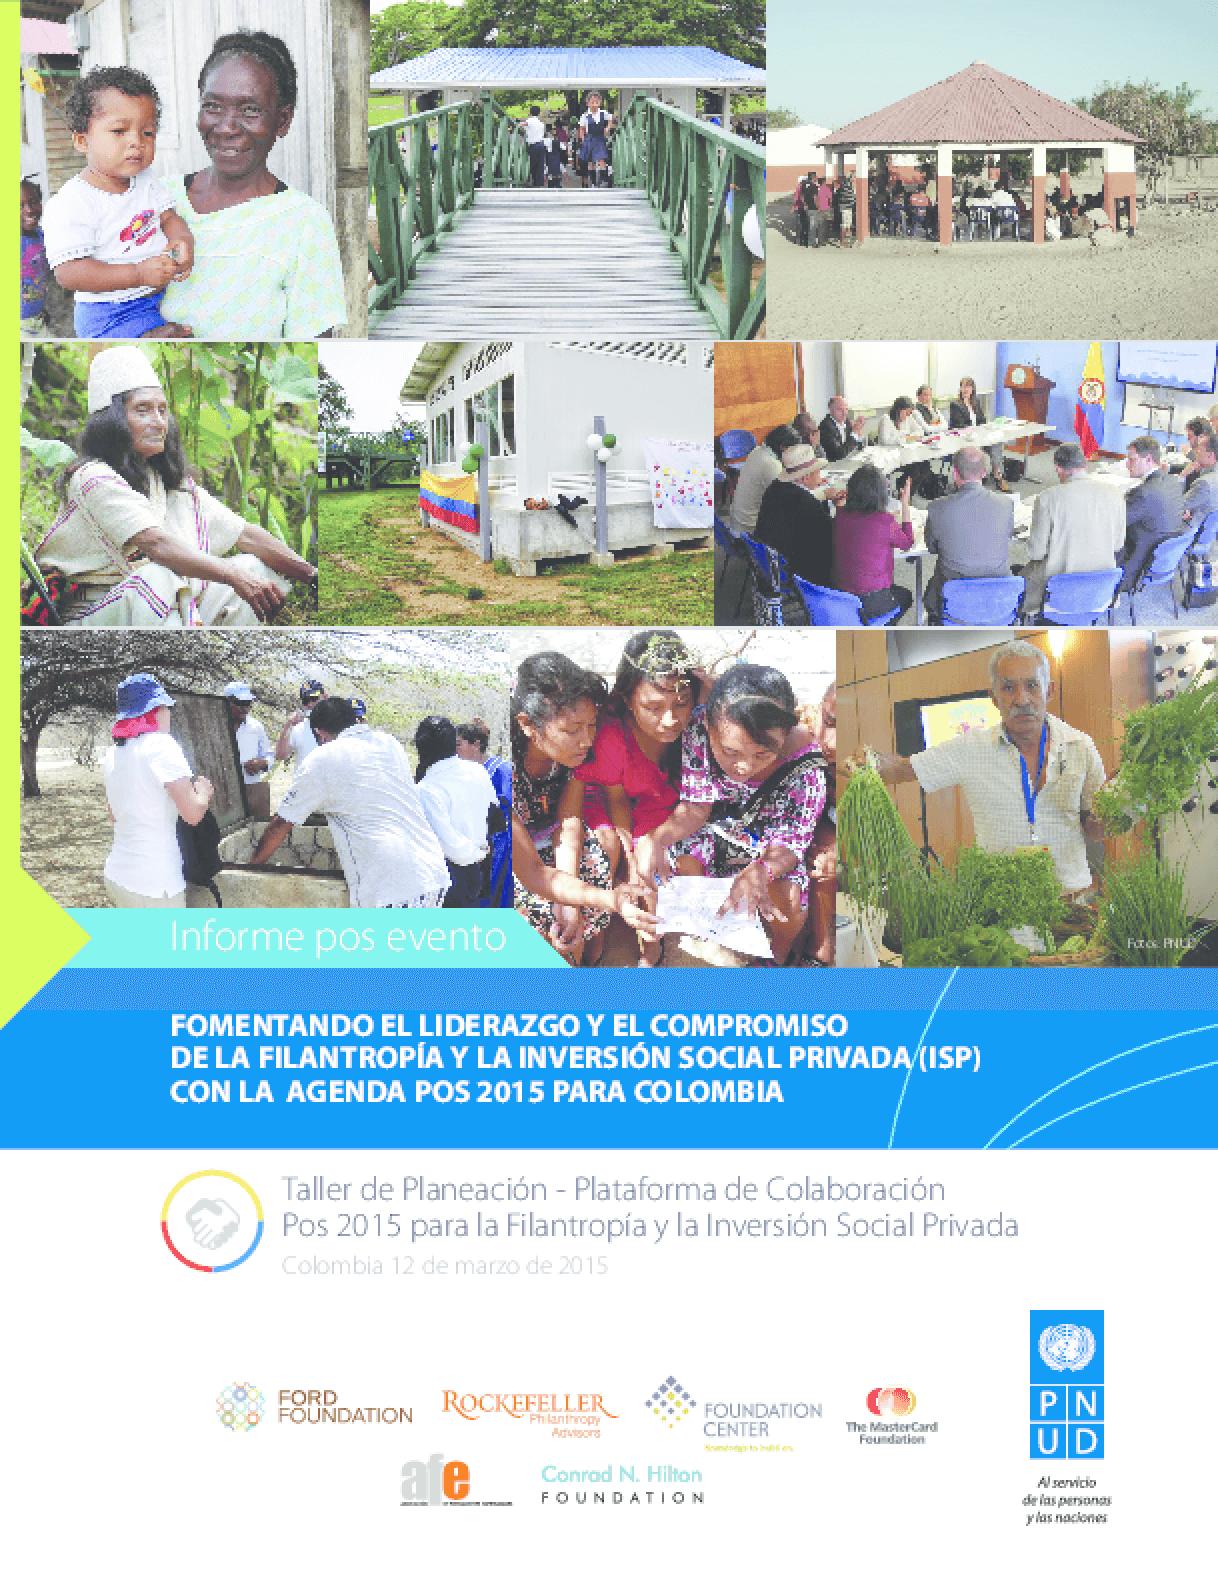 Informe Pos Evento: Fomentando el Liderazgo y el Compromiso de la Fillantropia y la Inversion Social Privada (ISP) Con la Agenda Pos 2015 Para Colombia